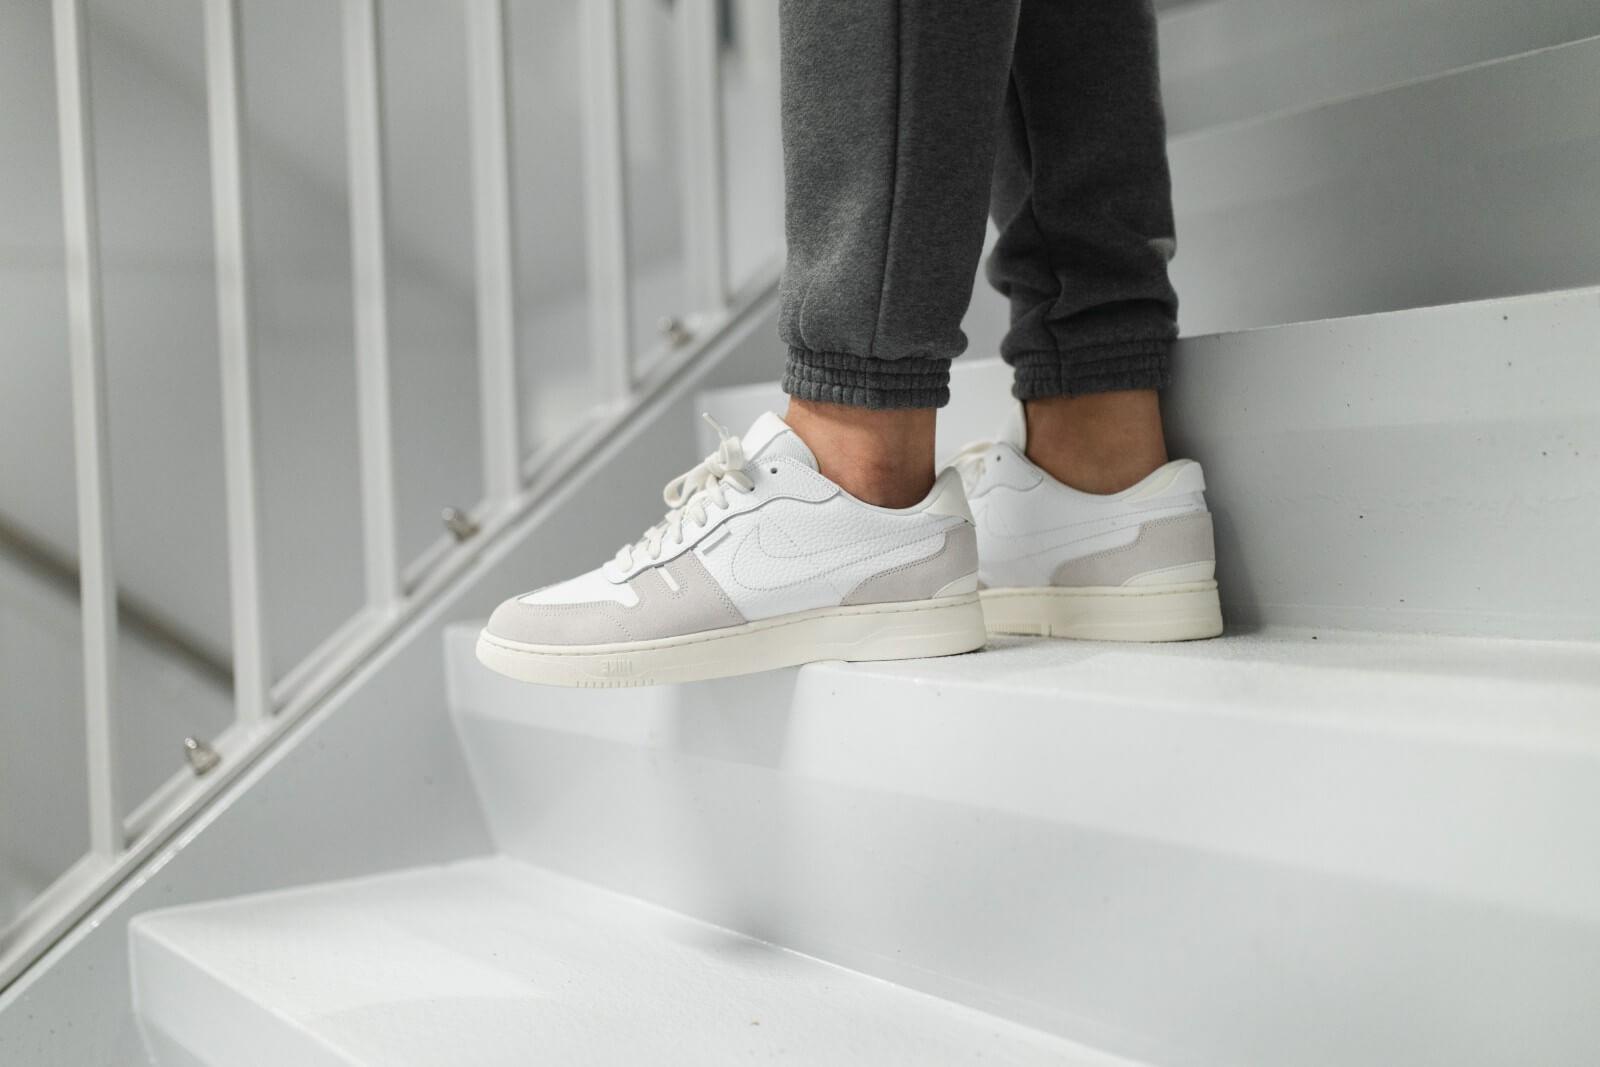 Nike Squash Type WhitePlatinum Tint Sail CW7587 100